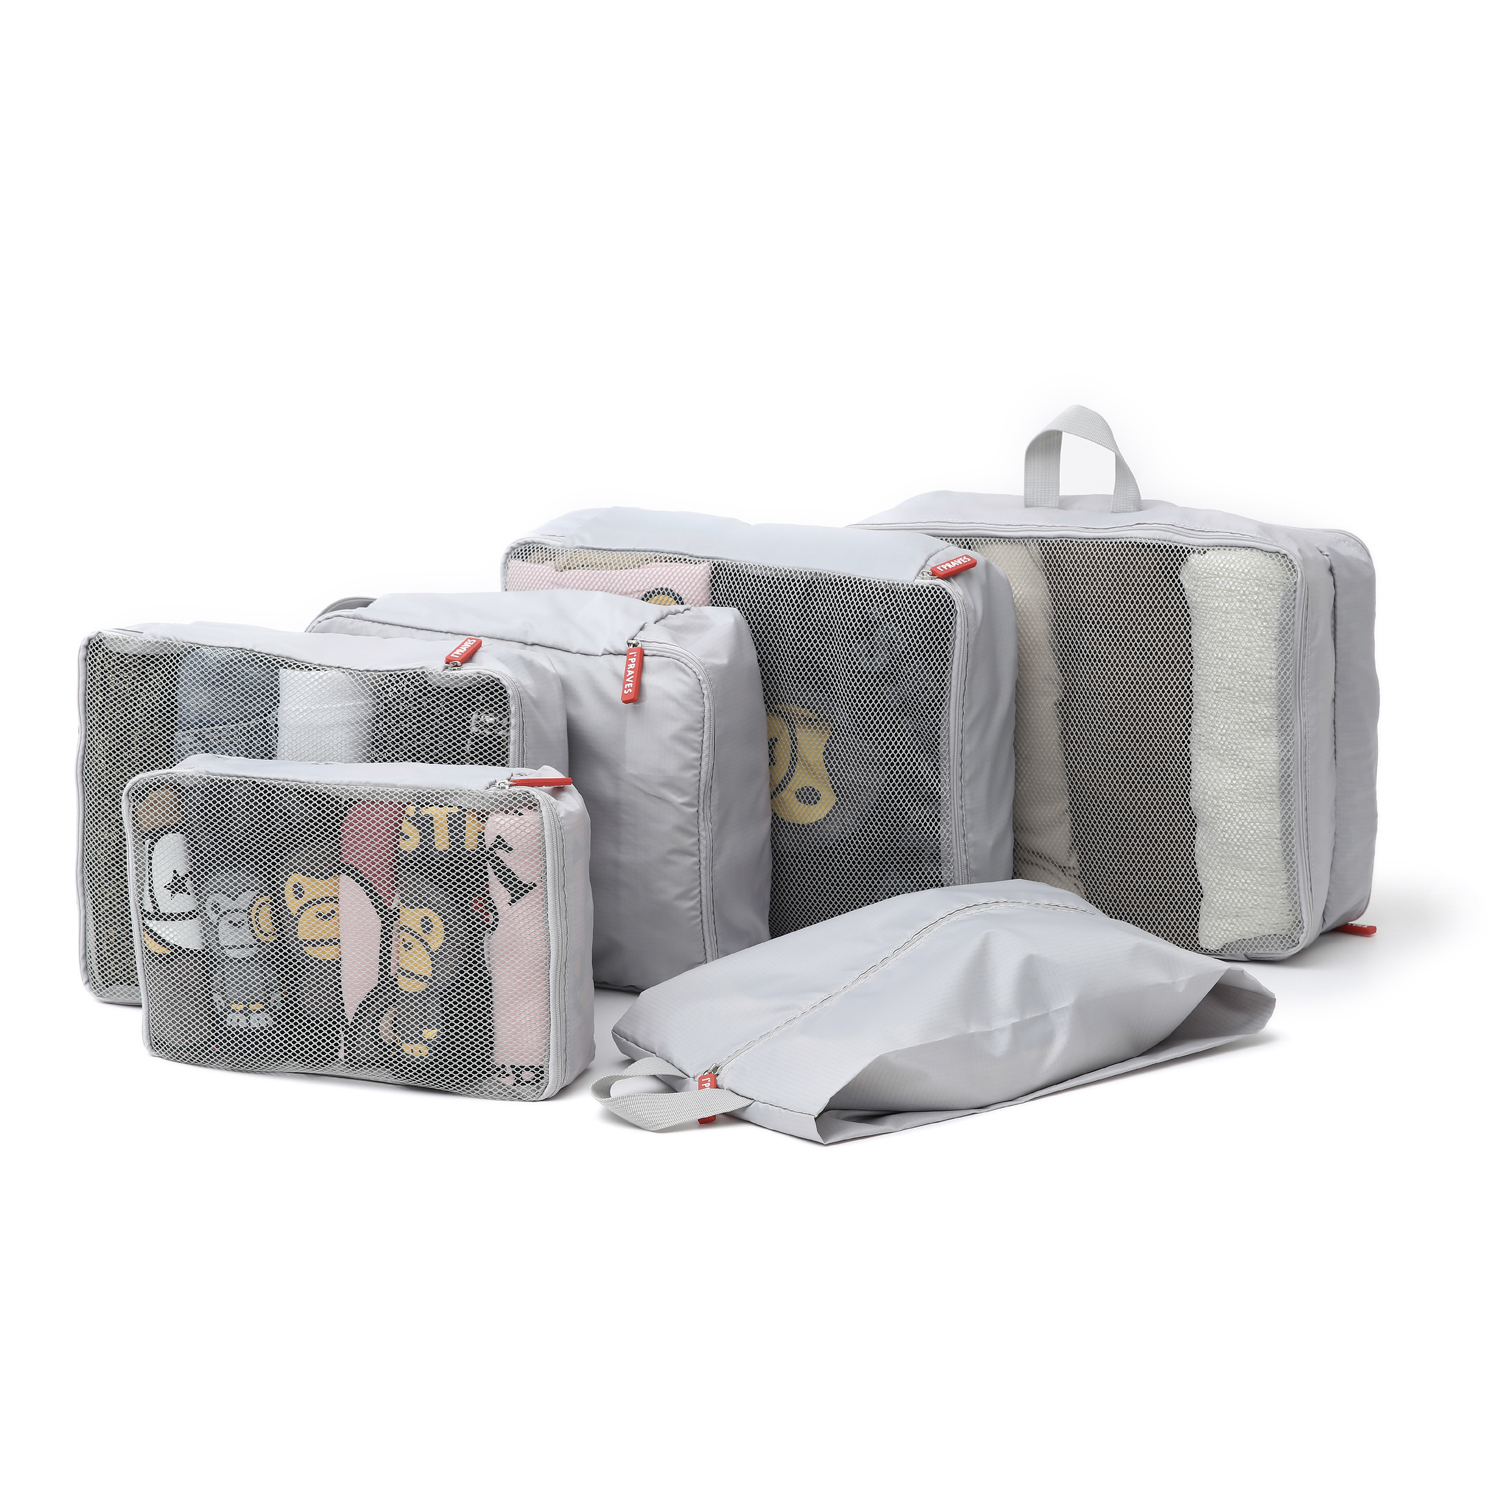 아이프라브 여행용파우치 트래블백 6종 세트 PRAV-7002